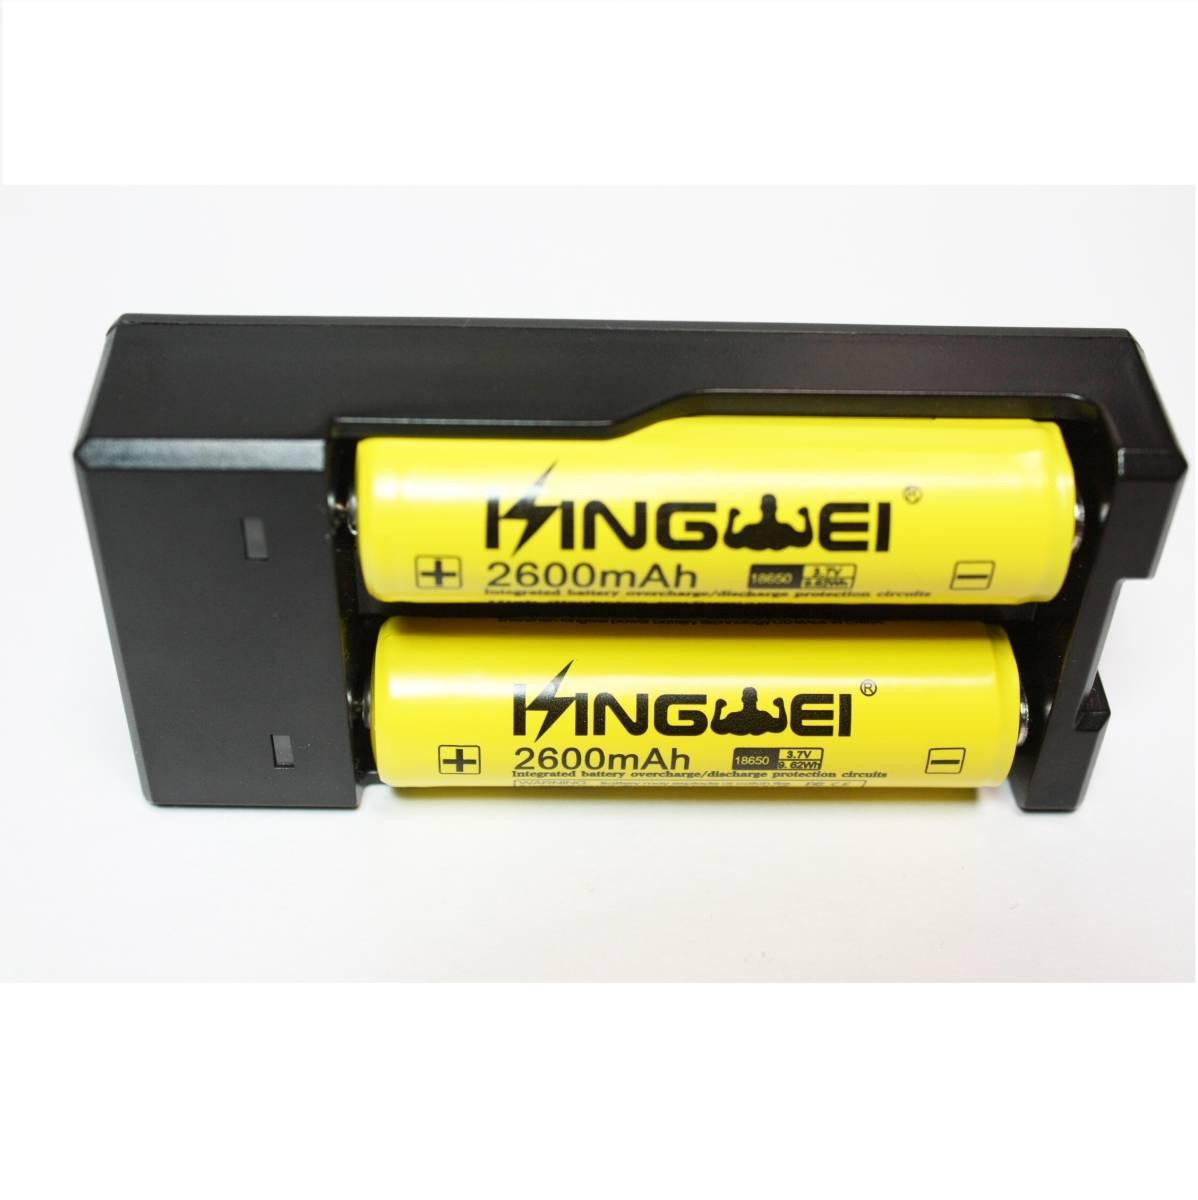 正規容量 18650 経済産業省適合品 リチウムイオン 充電池 2本 + 急速充電器 バッテリー 懐中電灯 ヘッドライト g02_画像2